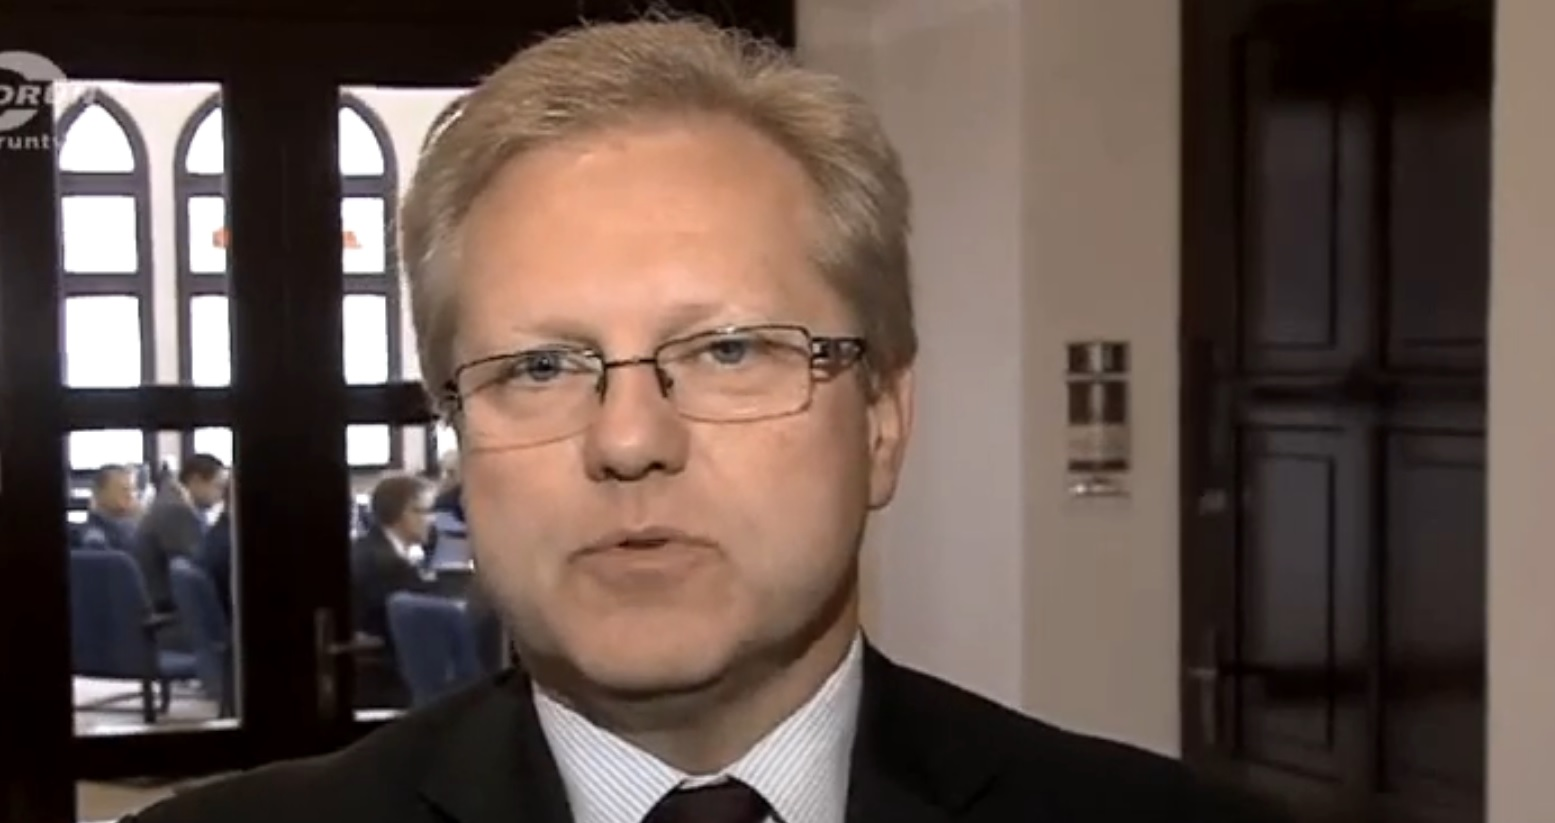 prof. Grzegorz Górski: Projekt Unii Europejskiej już się zużył i wyczerpał